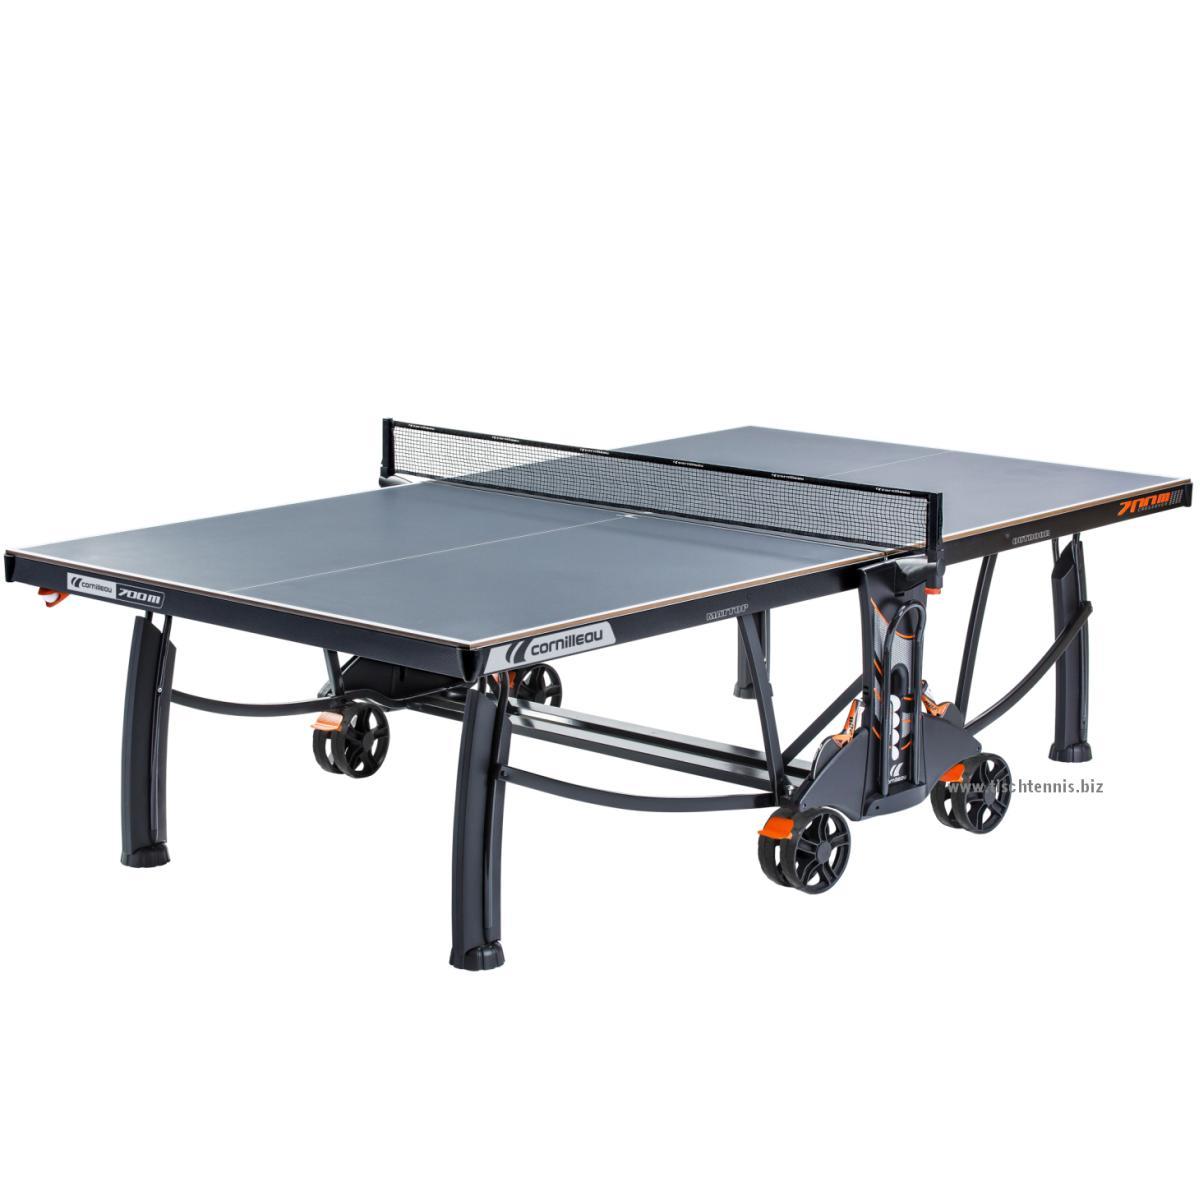 outdoor tischtennisplatten | hobby kaufen bei tischtennis.biz